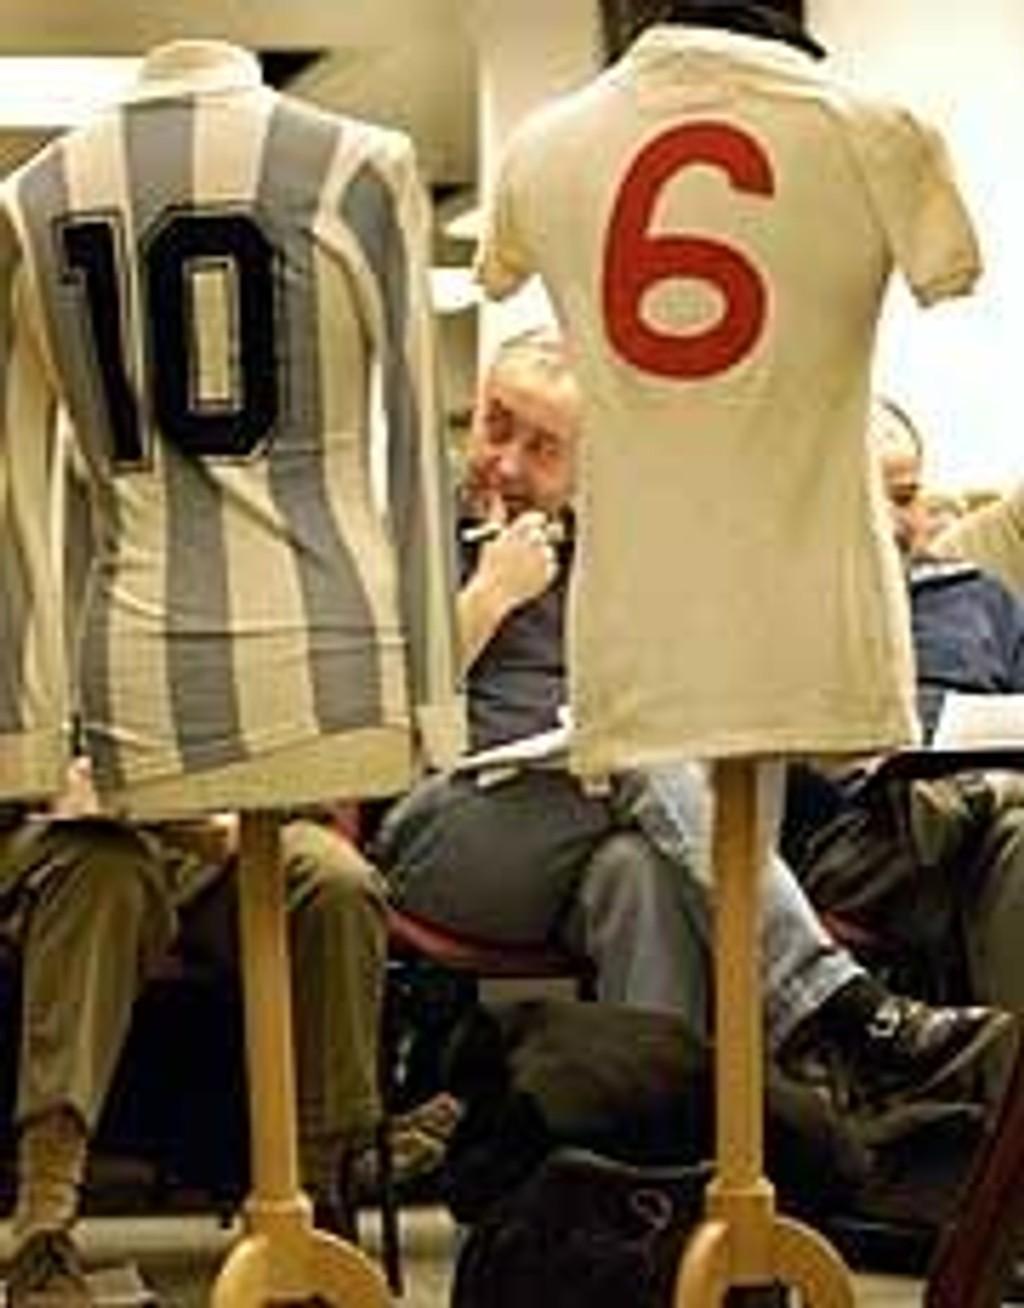 Draktene til Diego Maradona og Bobby Moore ble solgt på auksjon. Maradonas drakt gikk for rundt 125.000 kroner.